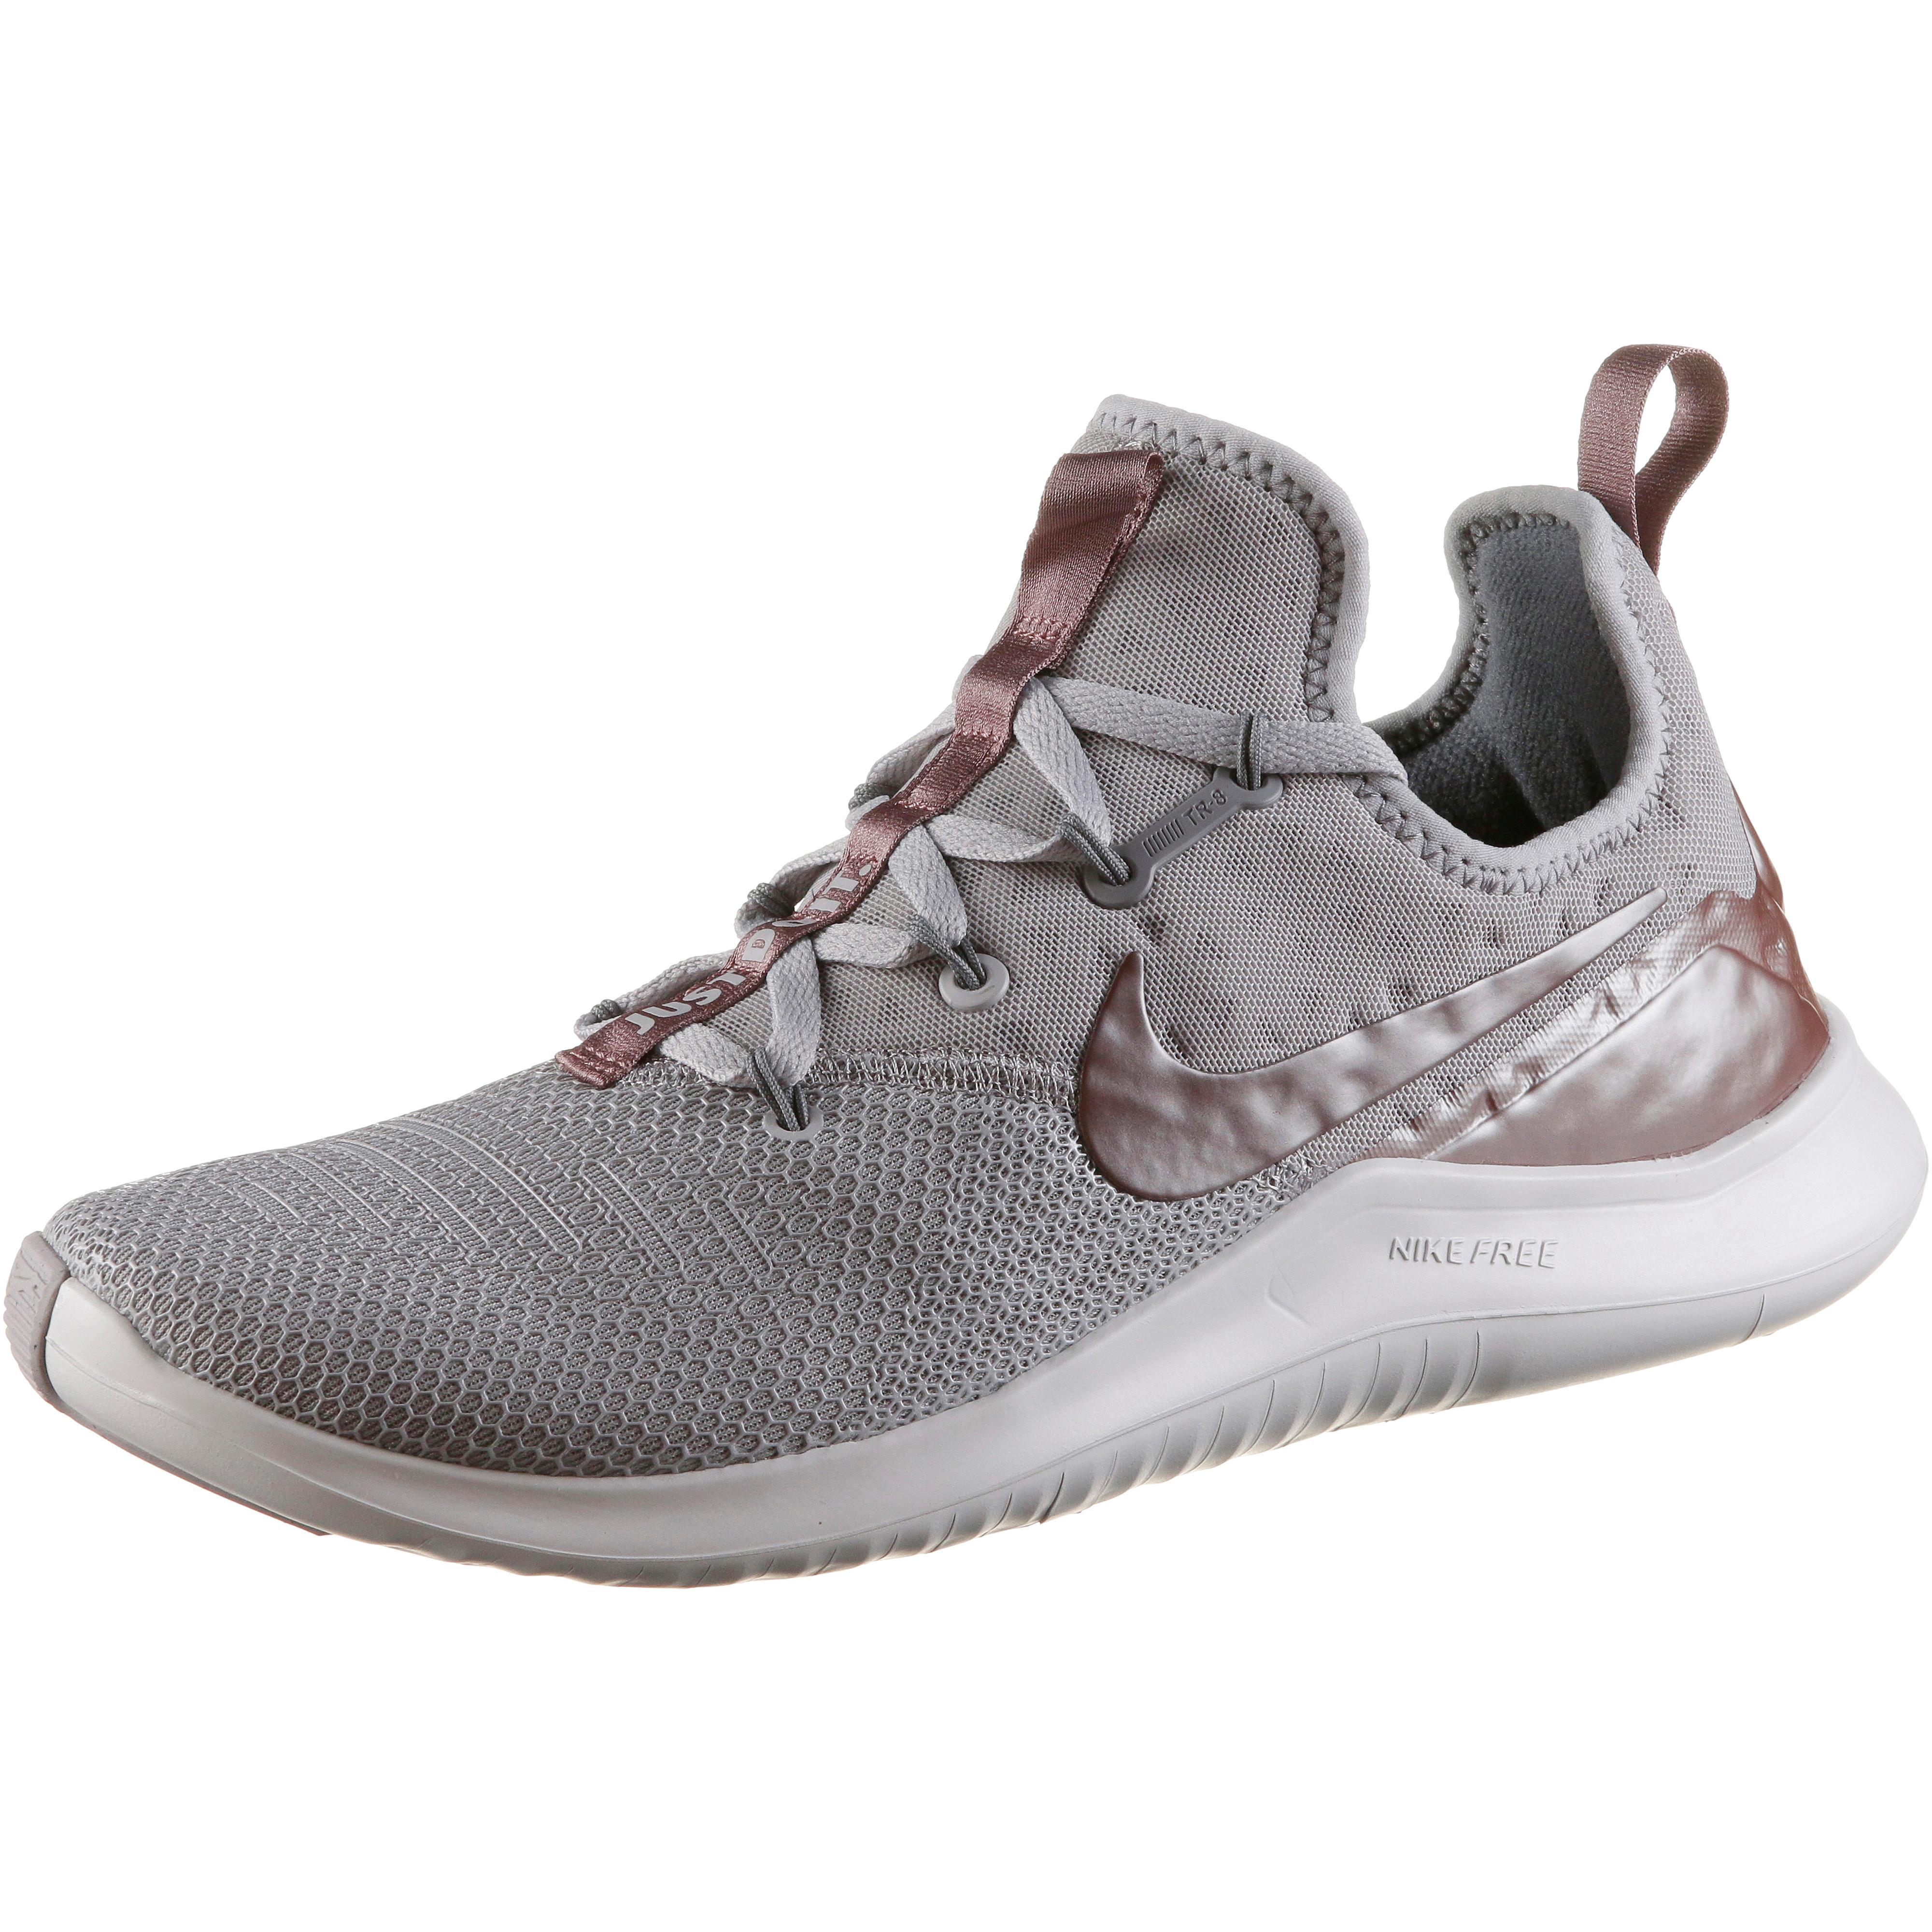 quality design 05c80 17012 Nike Free TR 8 Fitnessschuhe Damen atmosphere grey-smokey mauve-vast  grey-gunsmoke im Online Shop von SportScheck kaufen